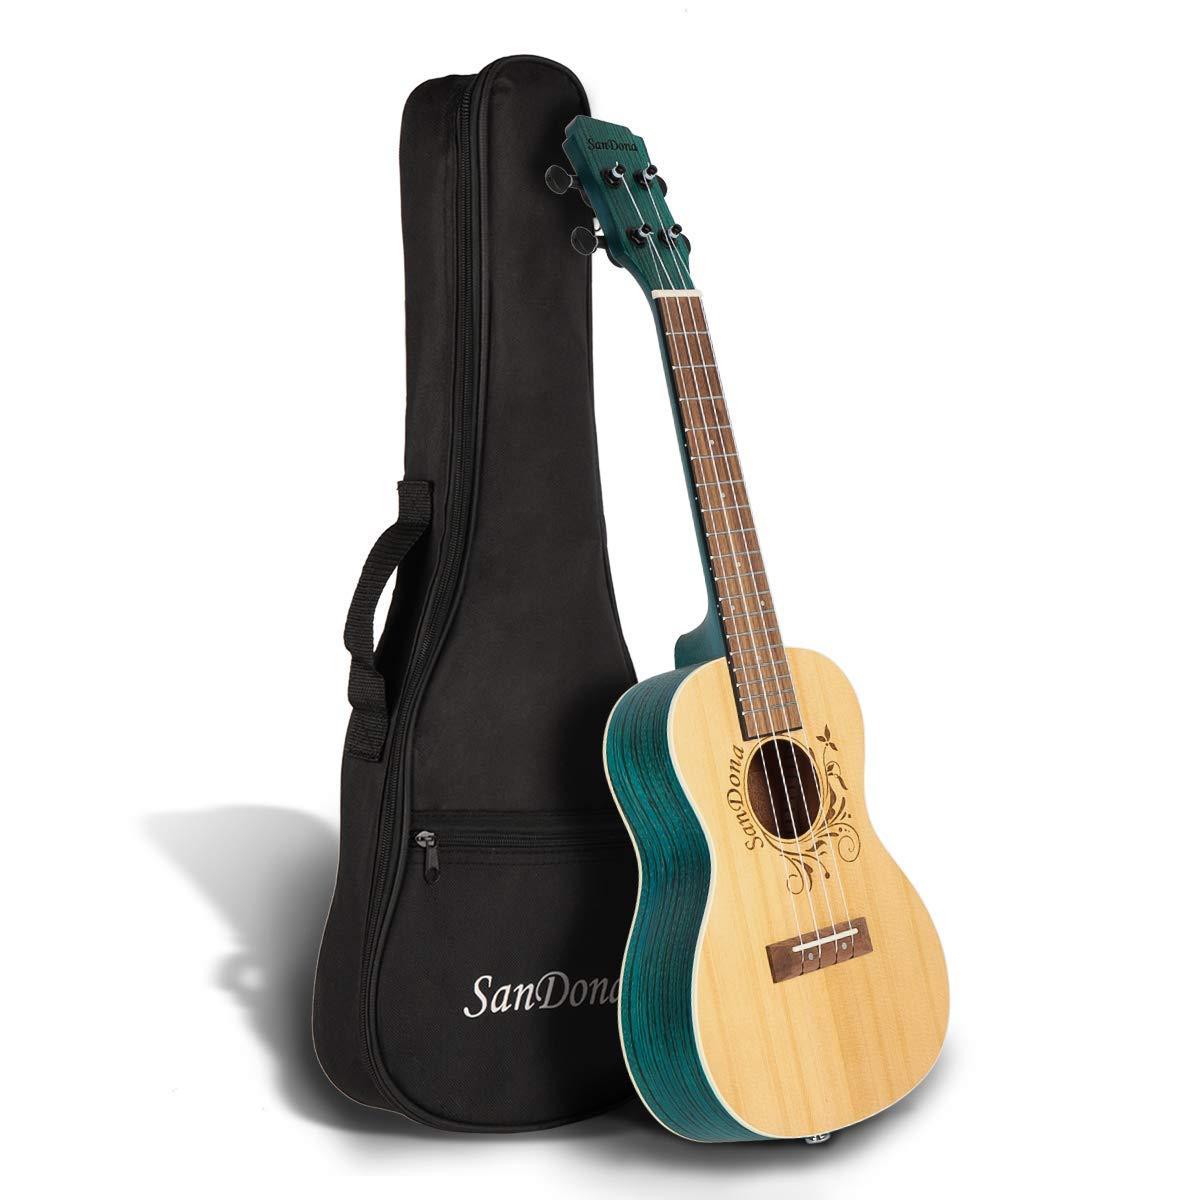 SANDONA Acoustic Electric 24'' Concert Ukulele Kit with Built-in Under-Saddle Pickup (Isle) $39.89 + FREE Prime Shipping $39.99